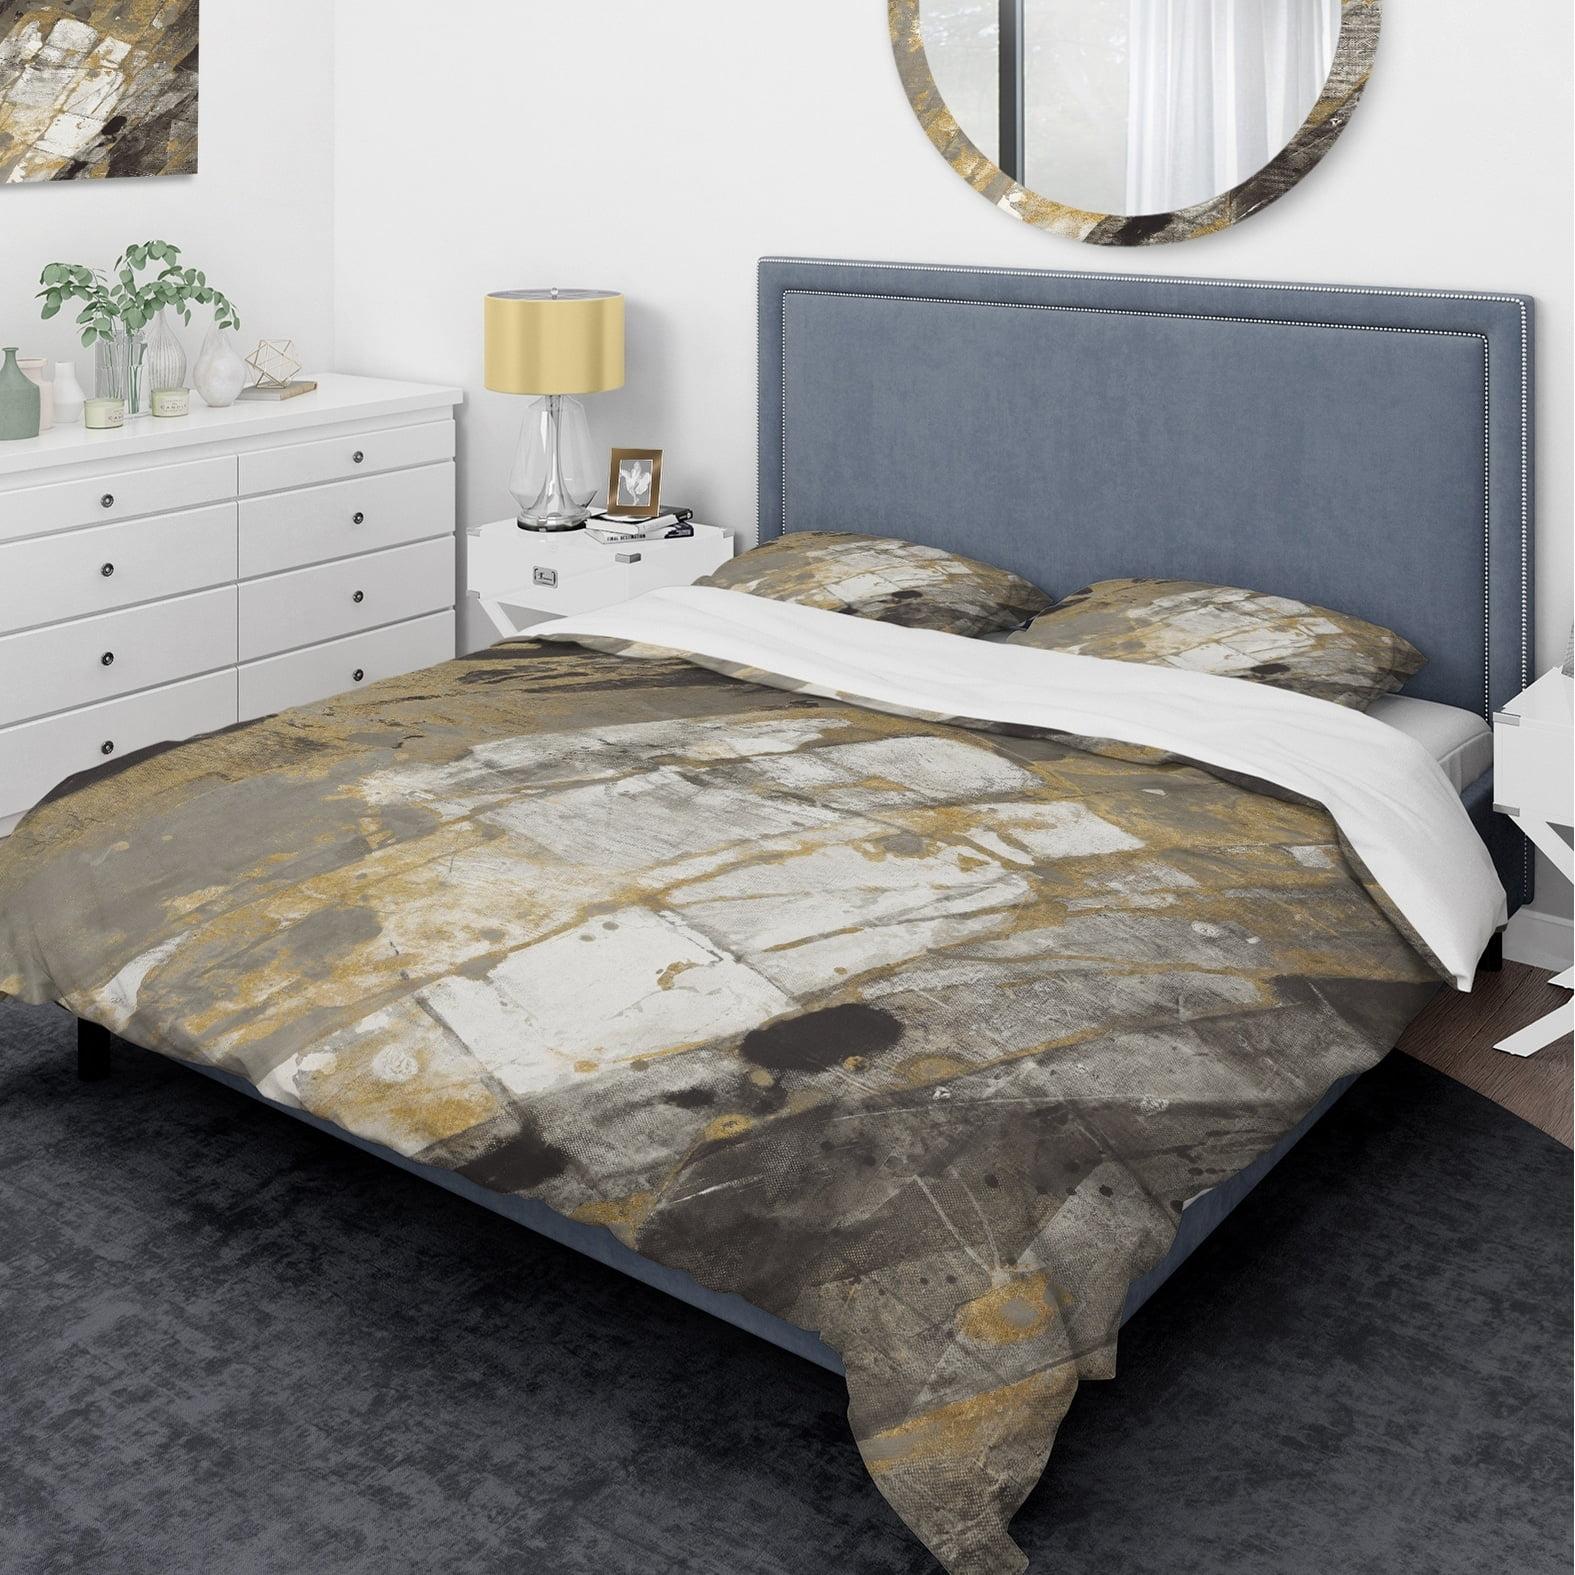 DESIGN ART Designart 'Gold, Black and White Hanpainted Abstract' Glam Bedding Set - Duvet Cover & Shams